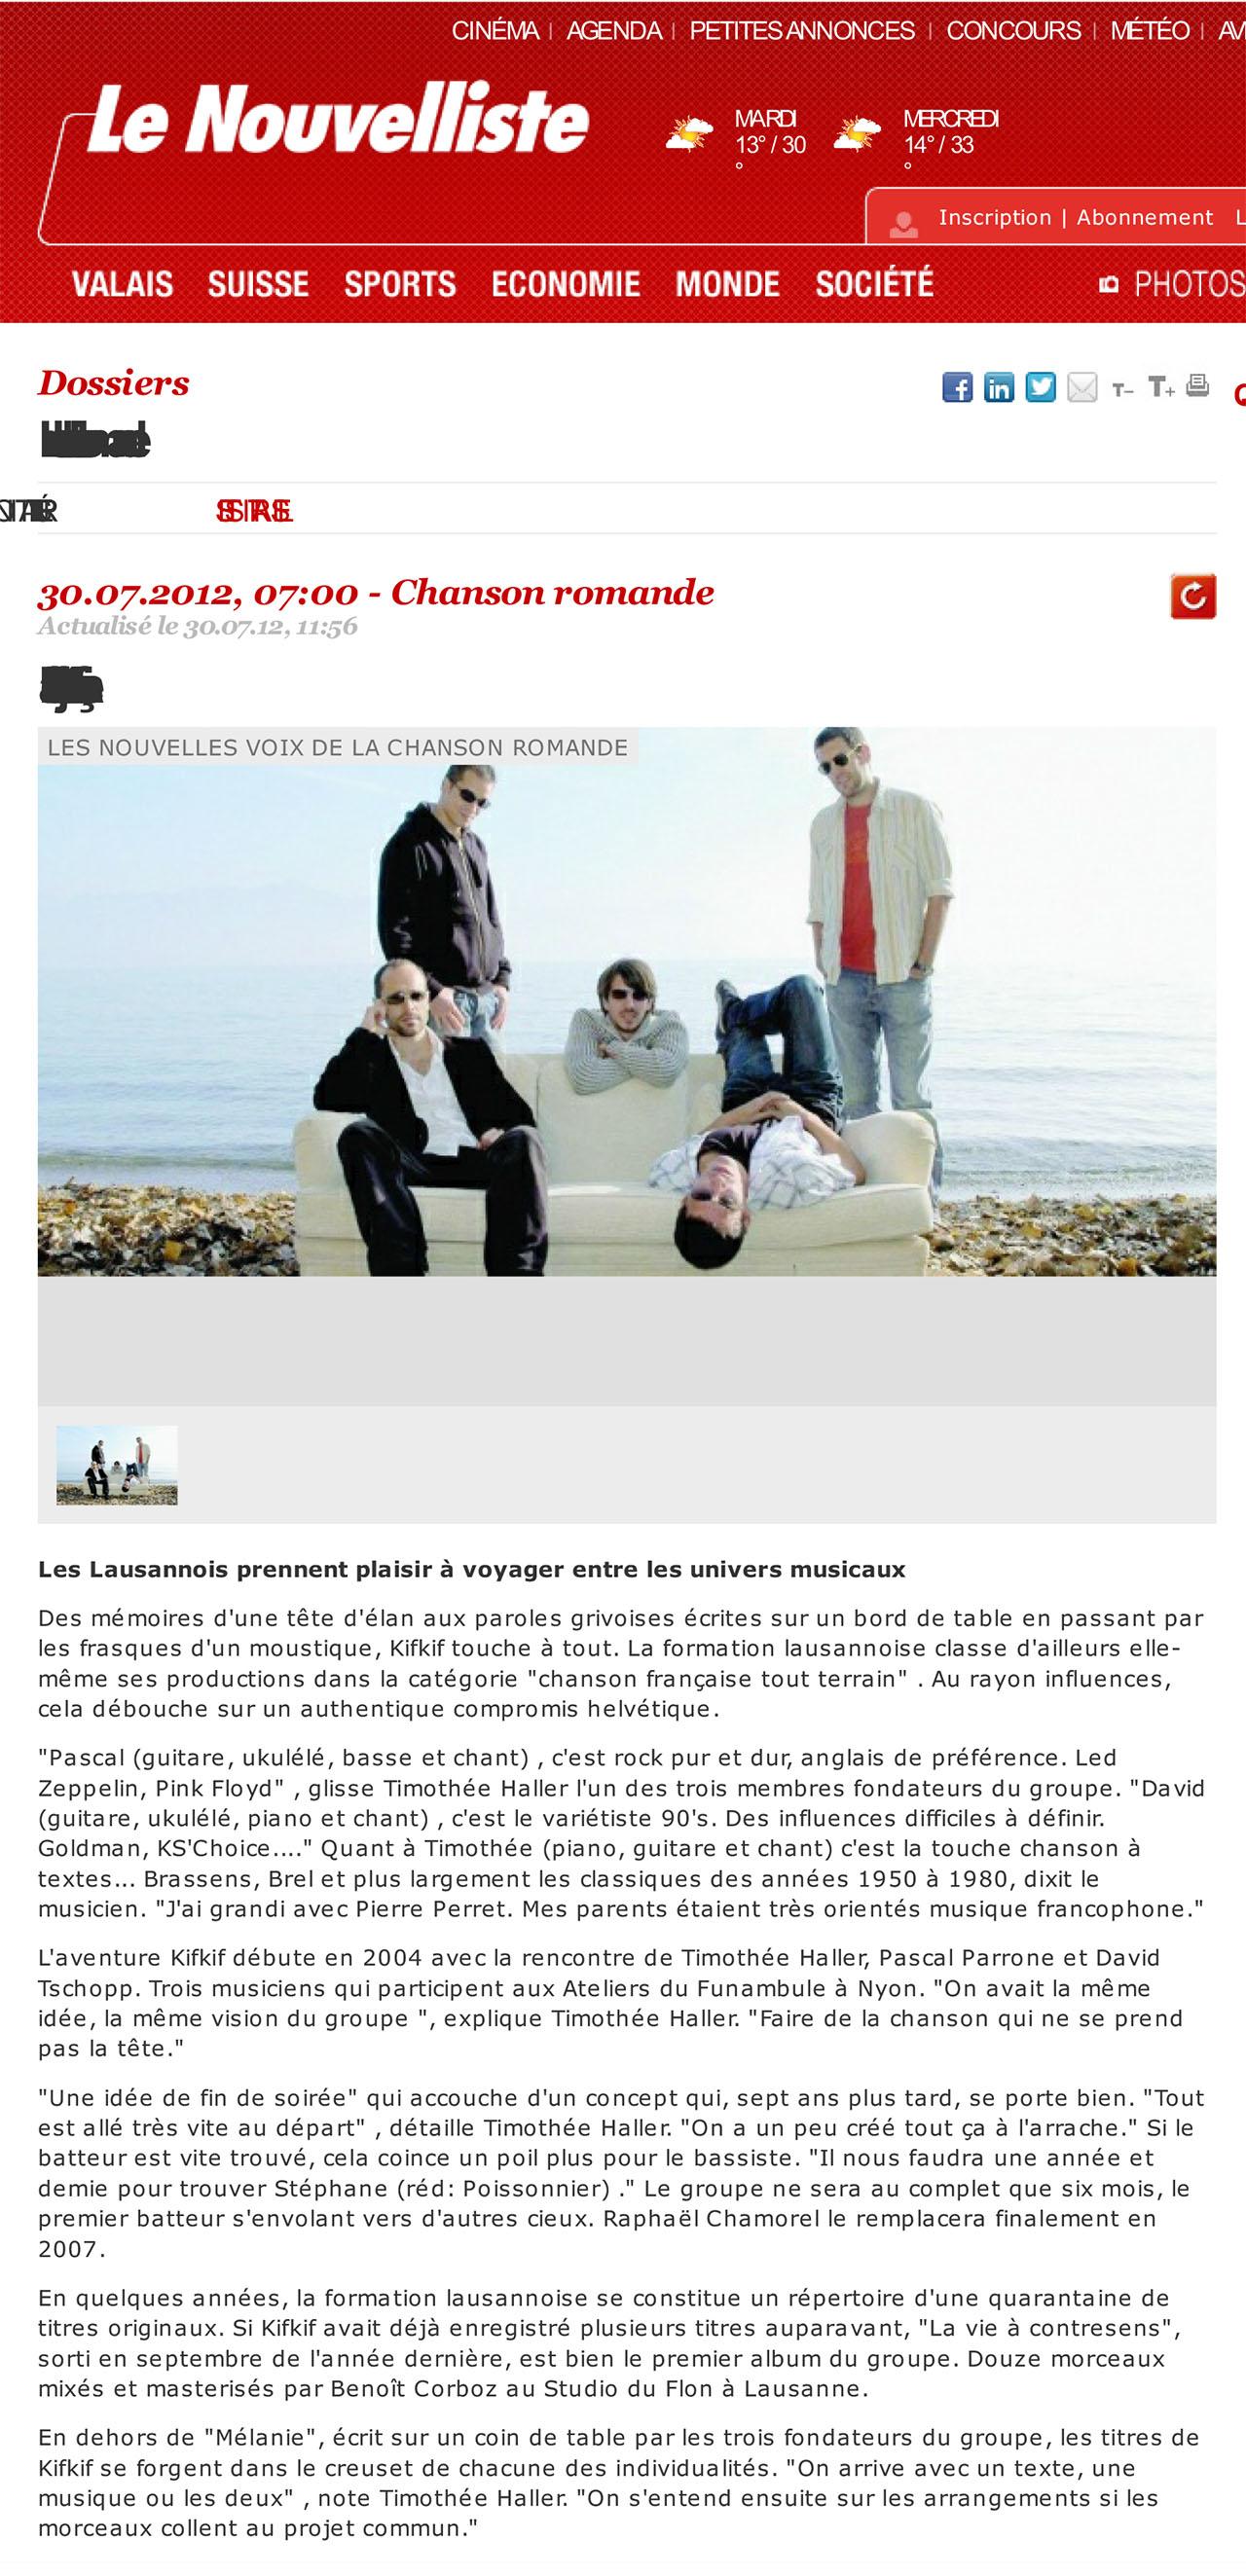 Le Nouvelliste - Dossier les artistes - 30.07.2012 (KIFKIF)